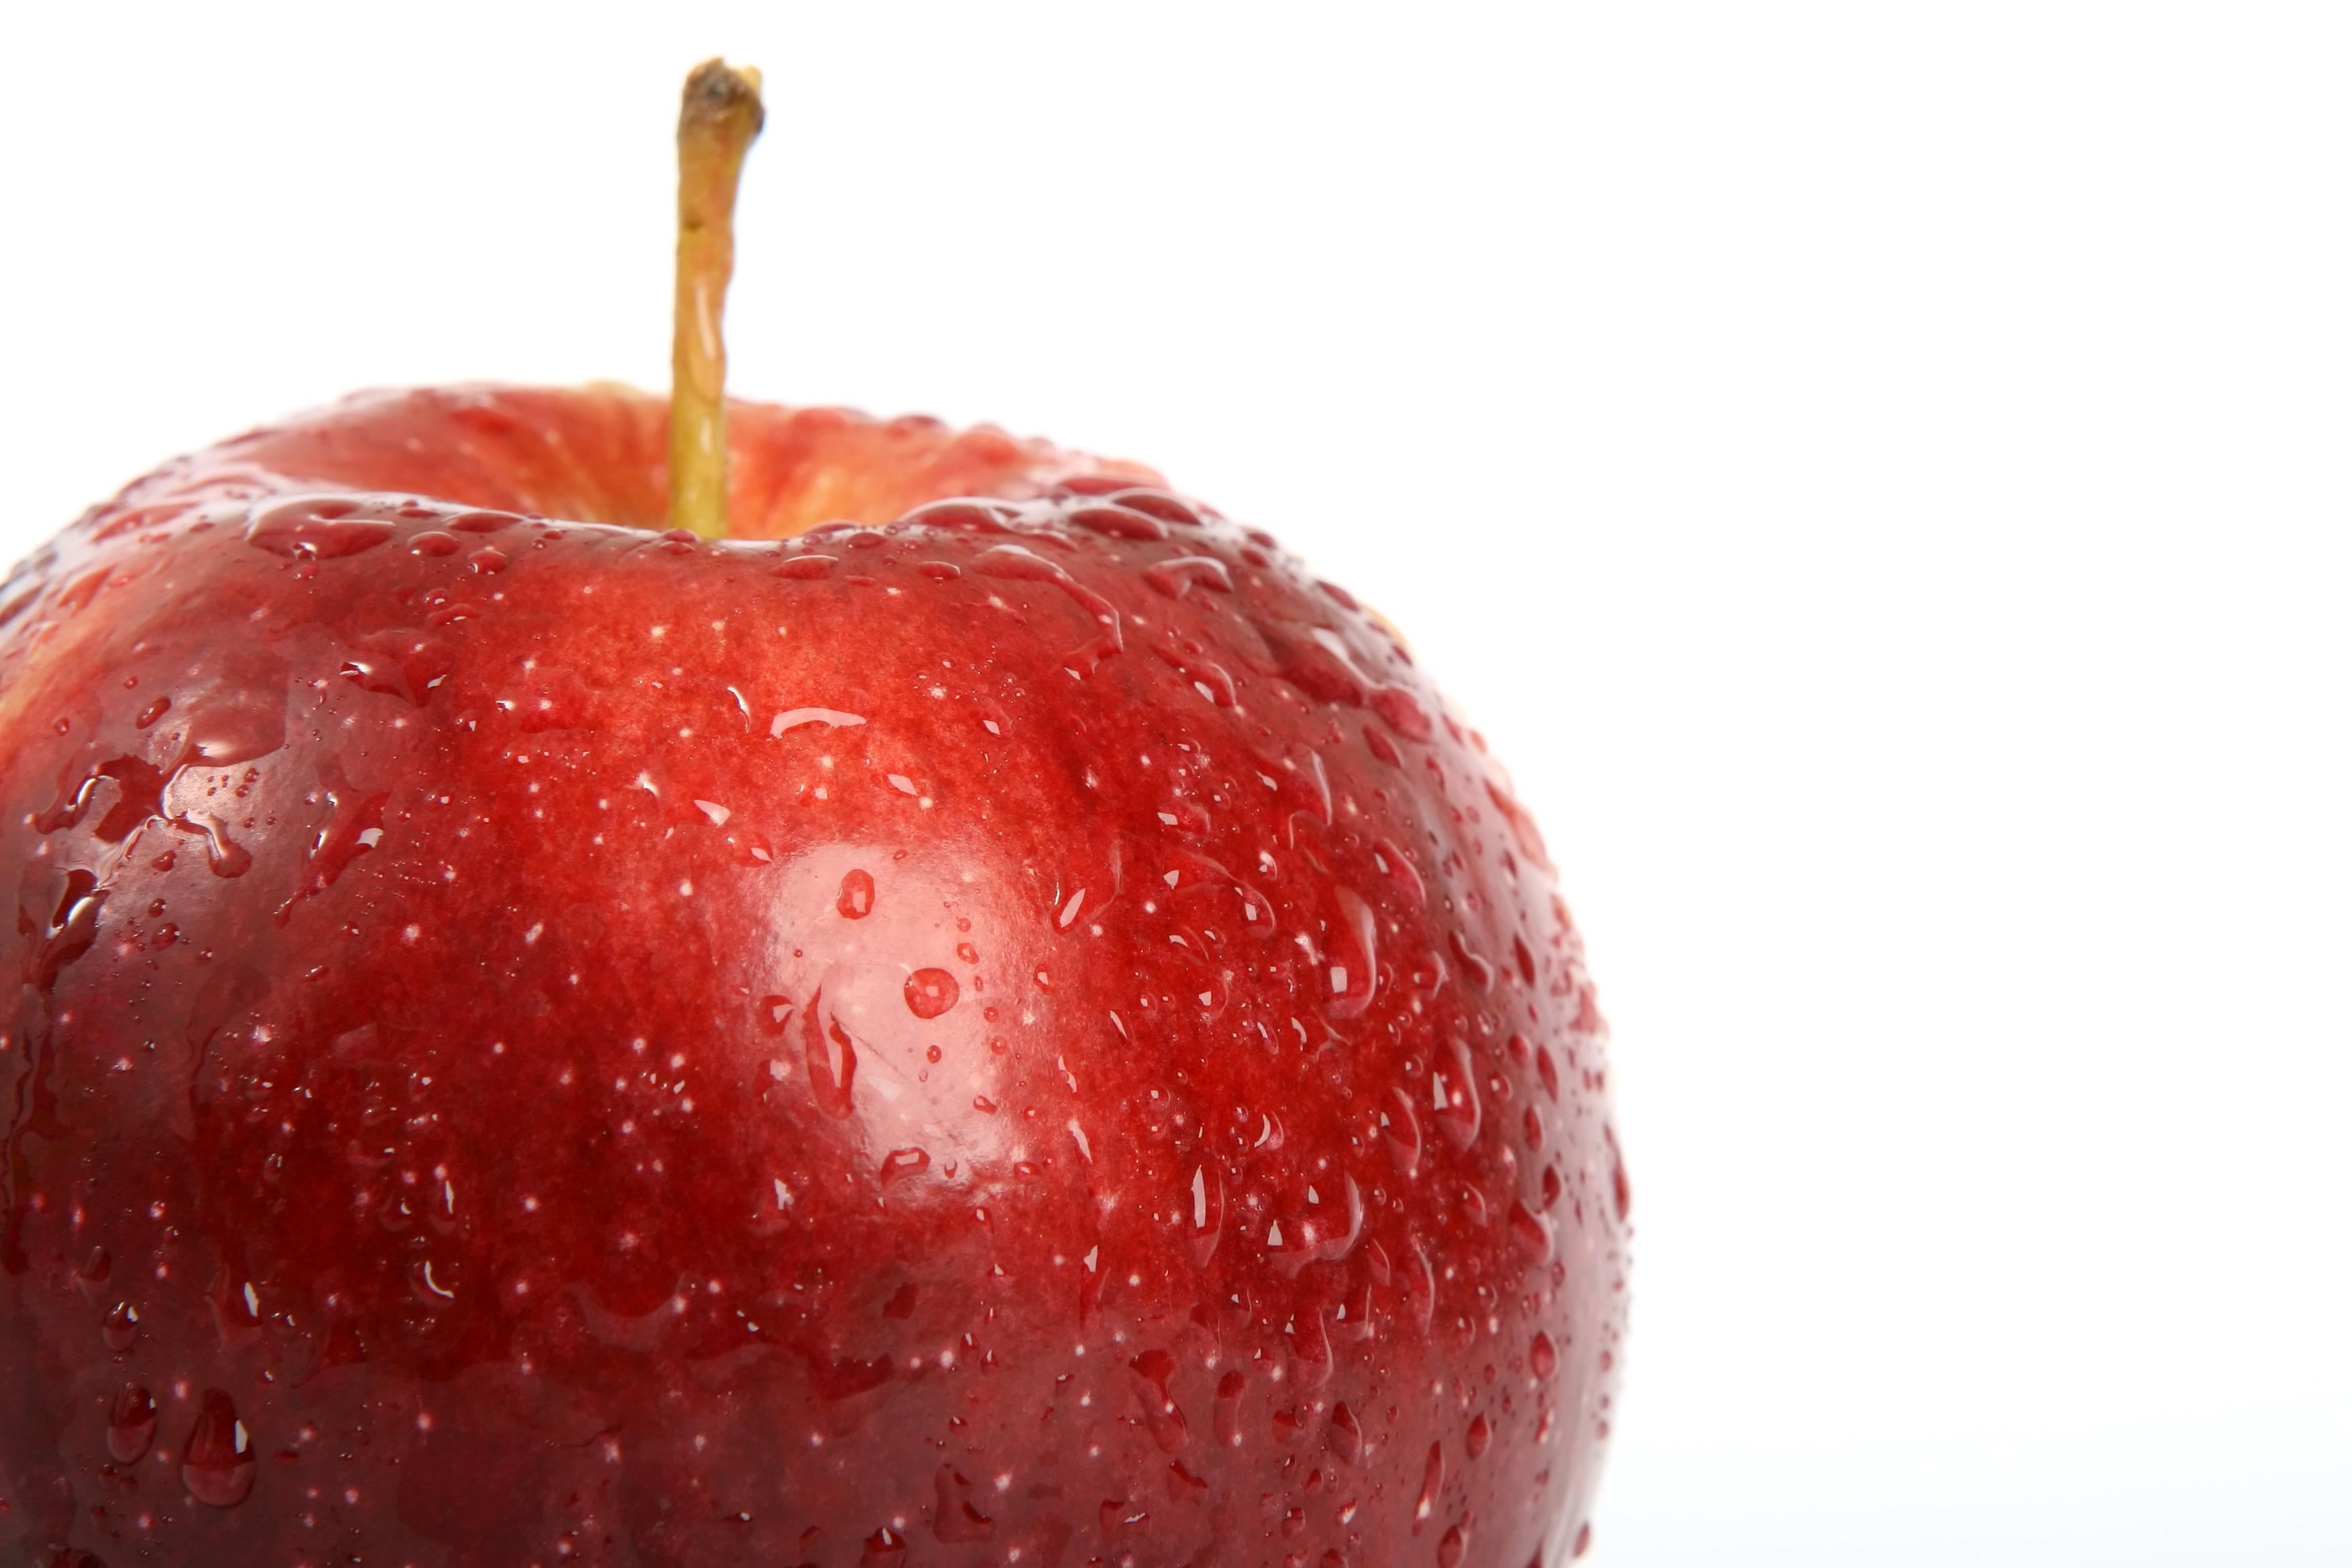 Dieta da Maçã Para Perder Peso Rápido